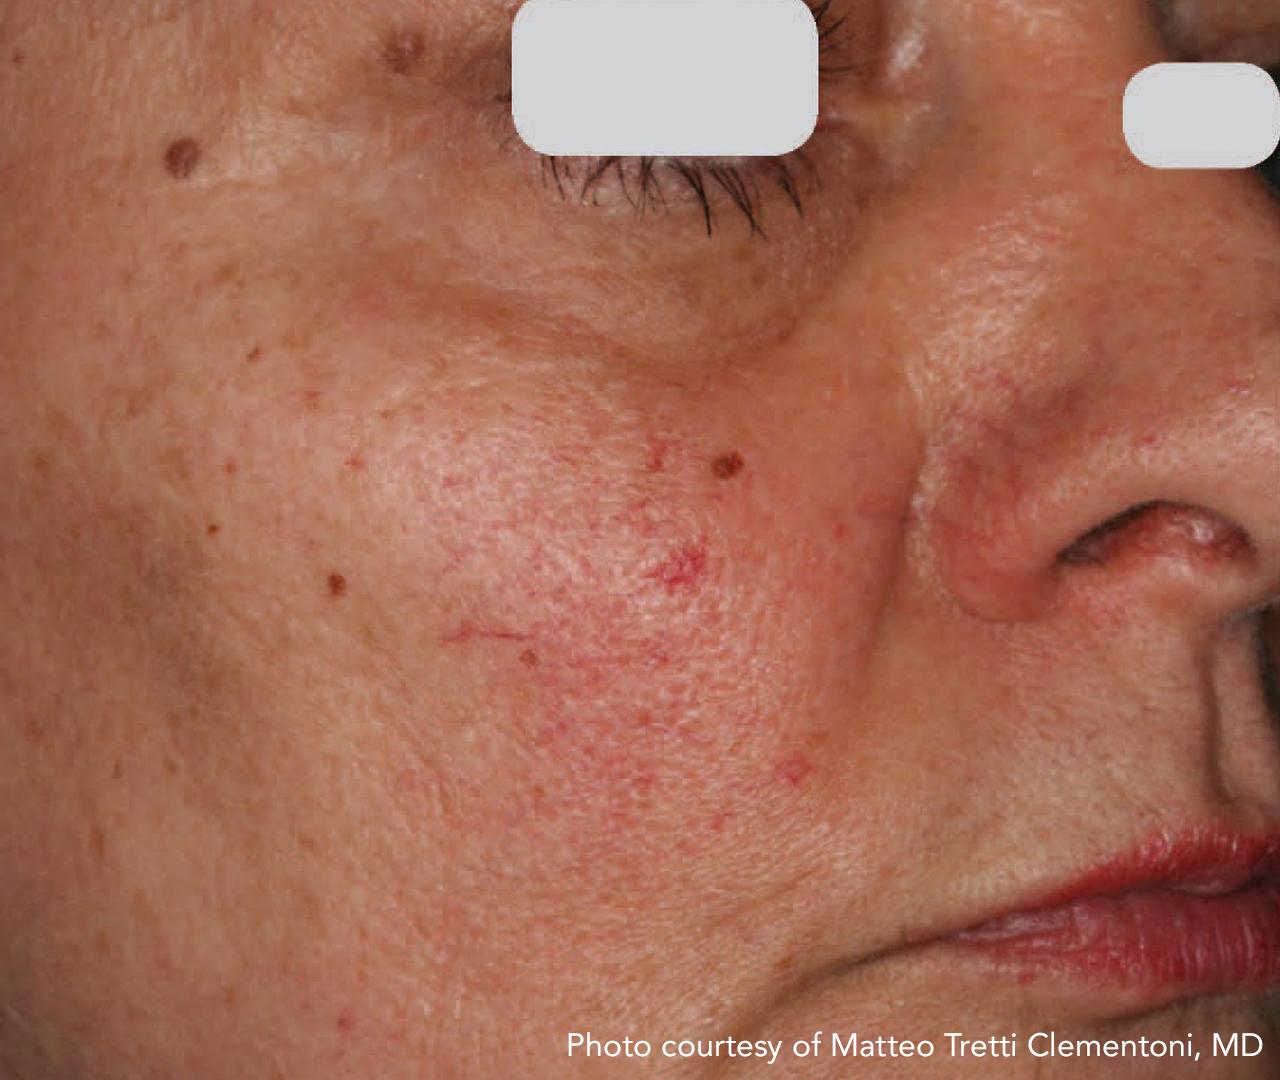 Vascular Lasers for Redness & Veins IPL